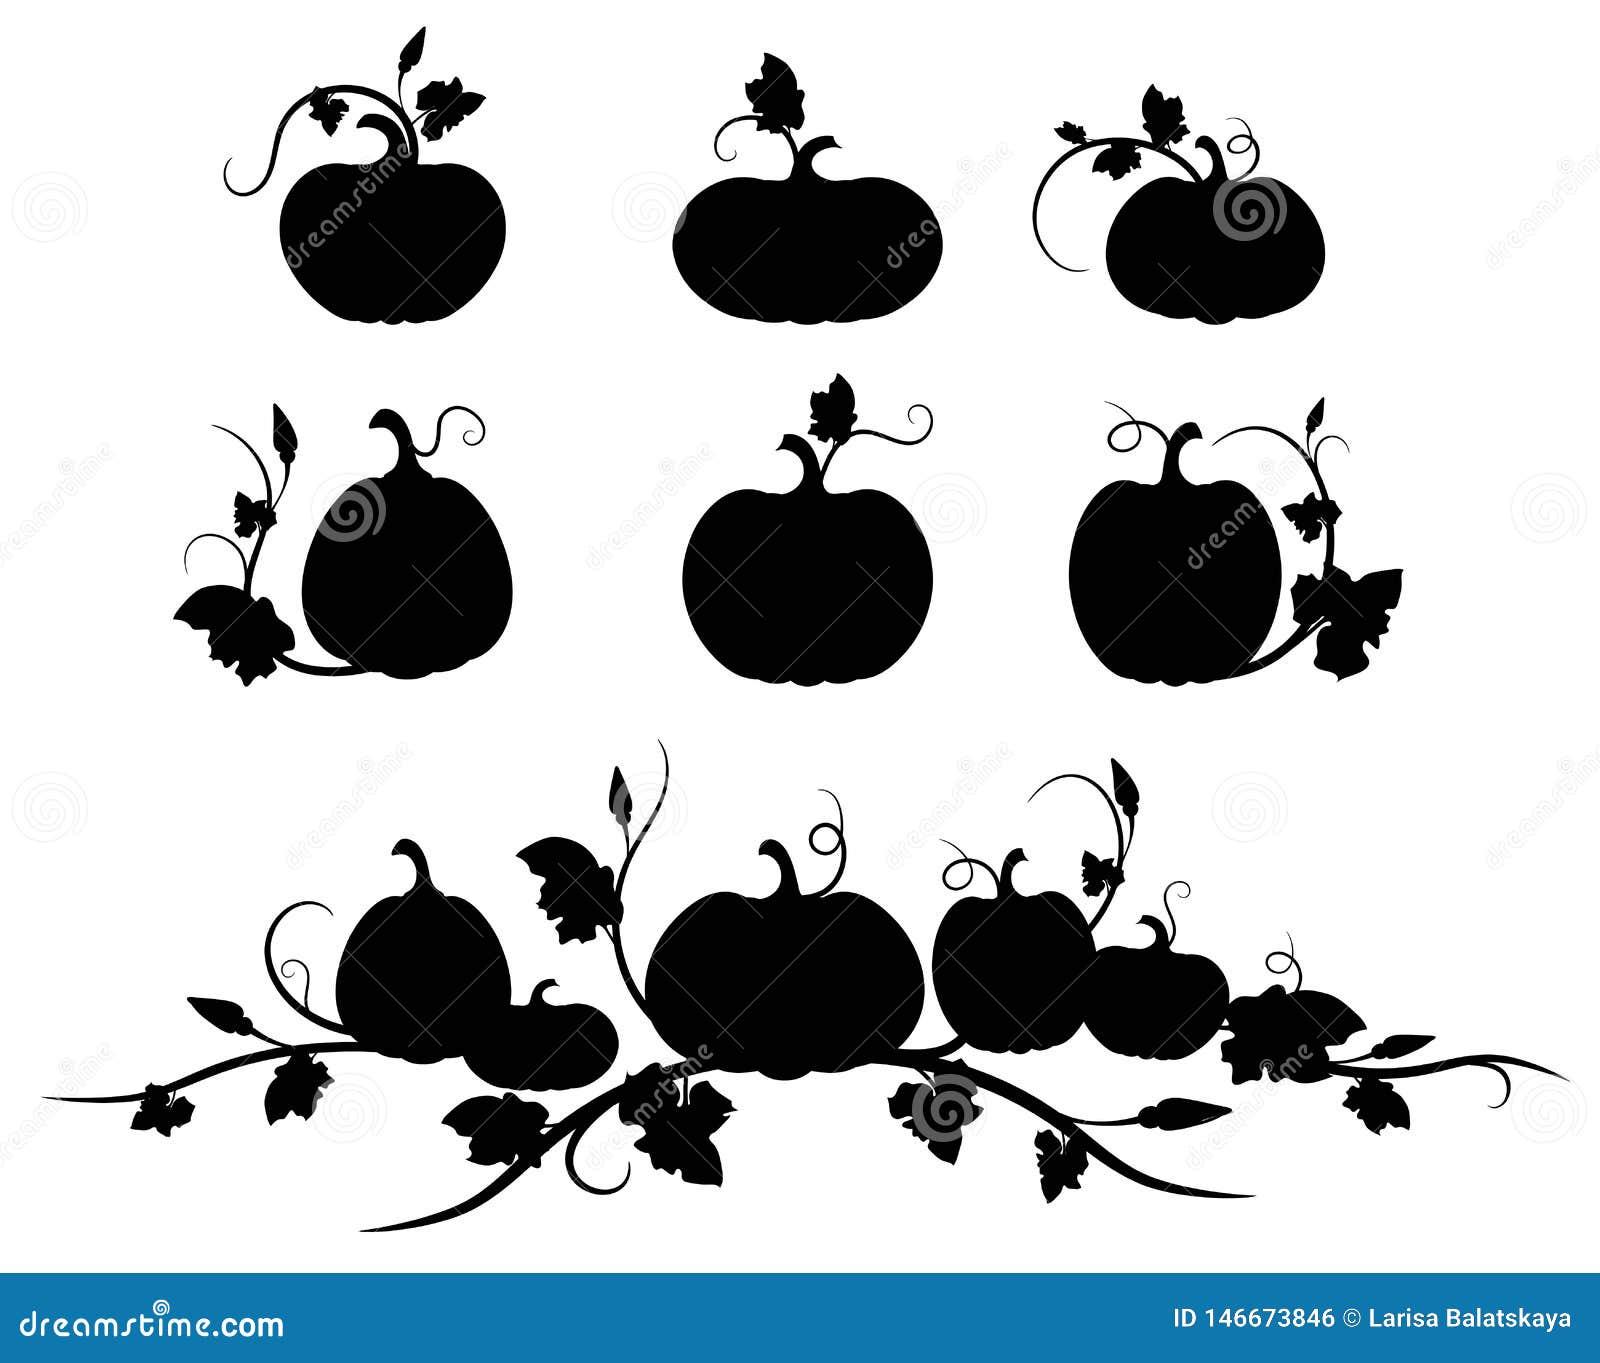 Κολοκύθα Μαύρη σκιαγραφία Απομονωμένο λαχανικό, φύλλα, λουλούδι και σπόροι σκιαγραφιών